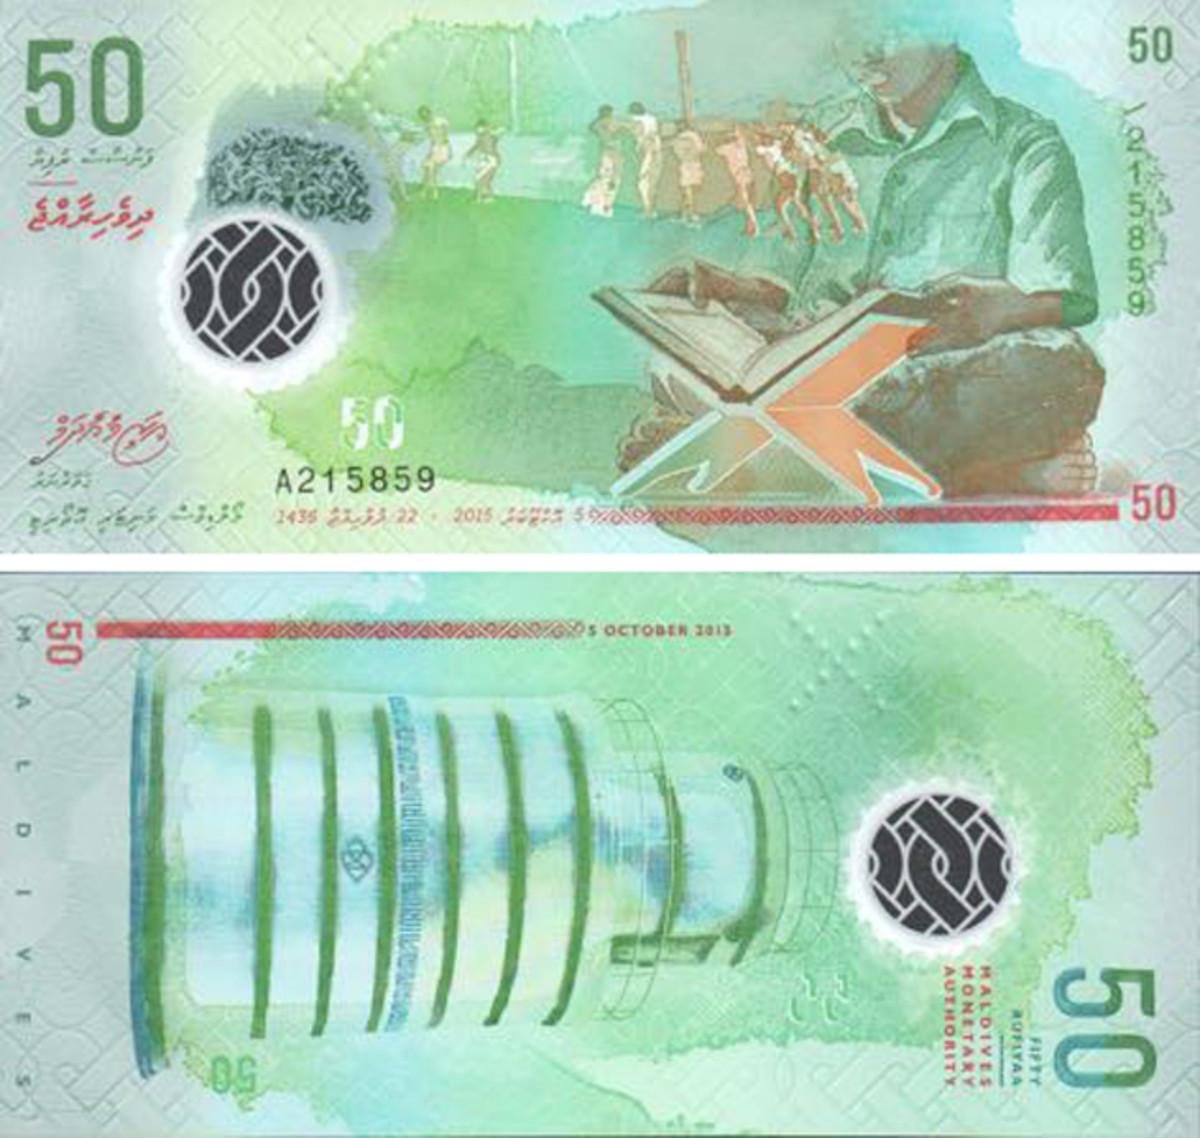 The new 50 rufiyaa note.